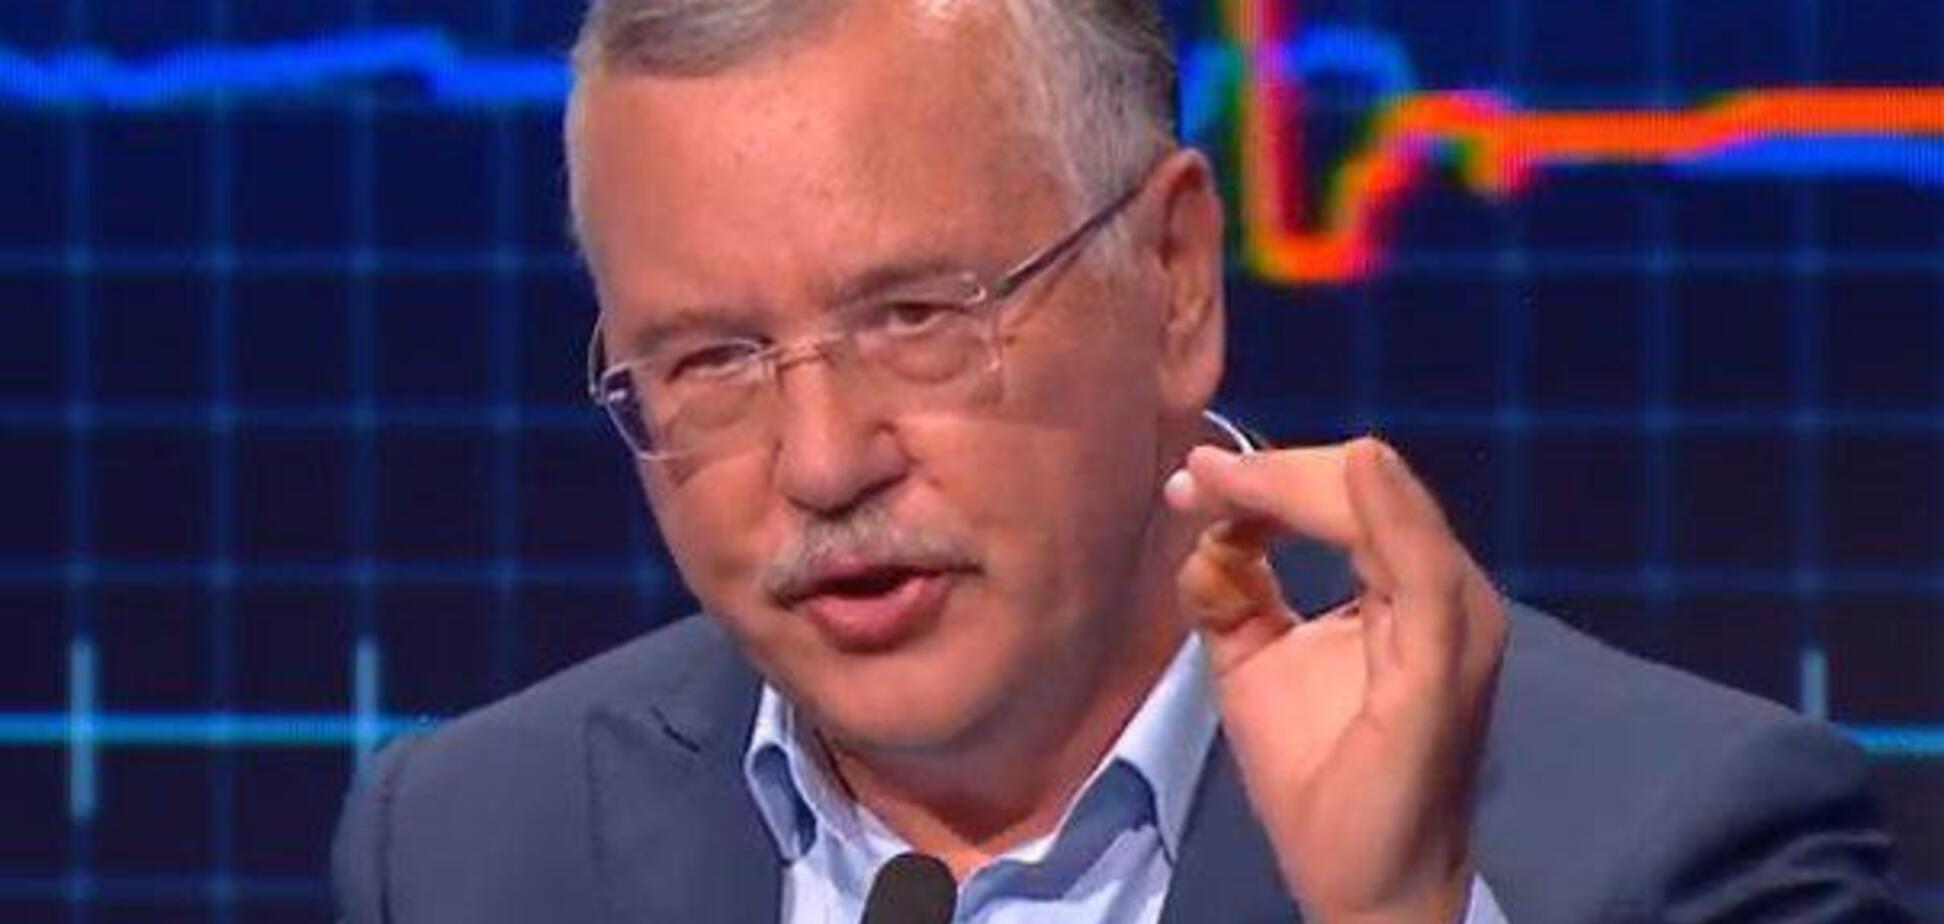 Посадити кожного 5-го нардепа: Гриценко закликав Зеленського 'оновити' в'язниці